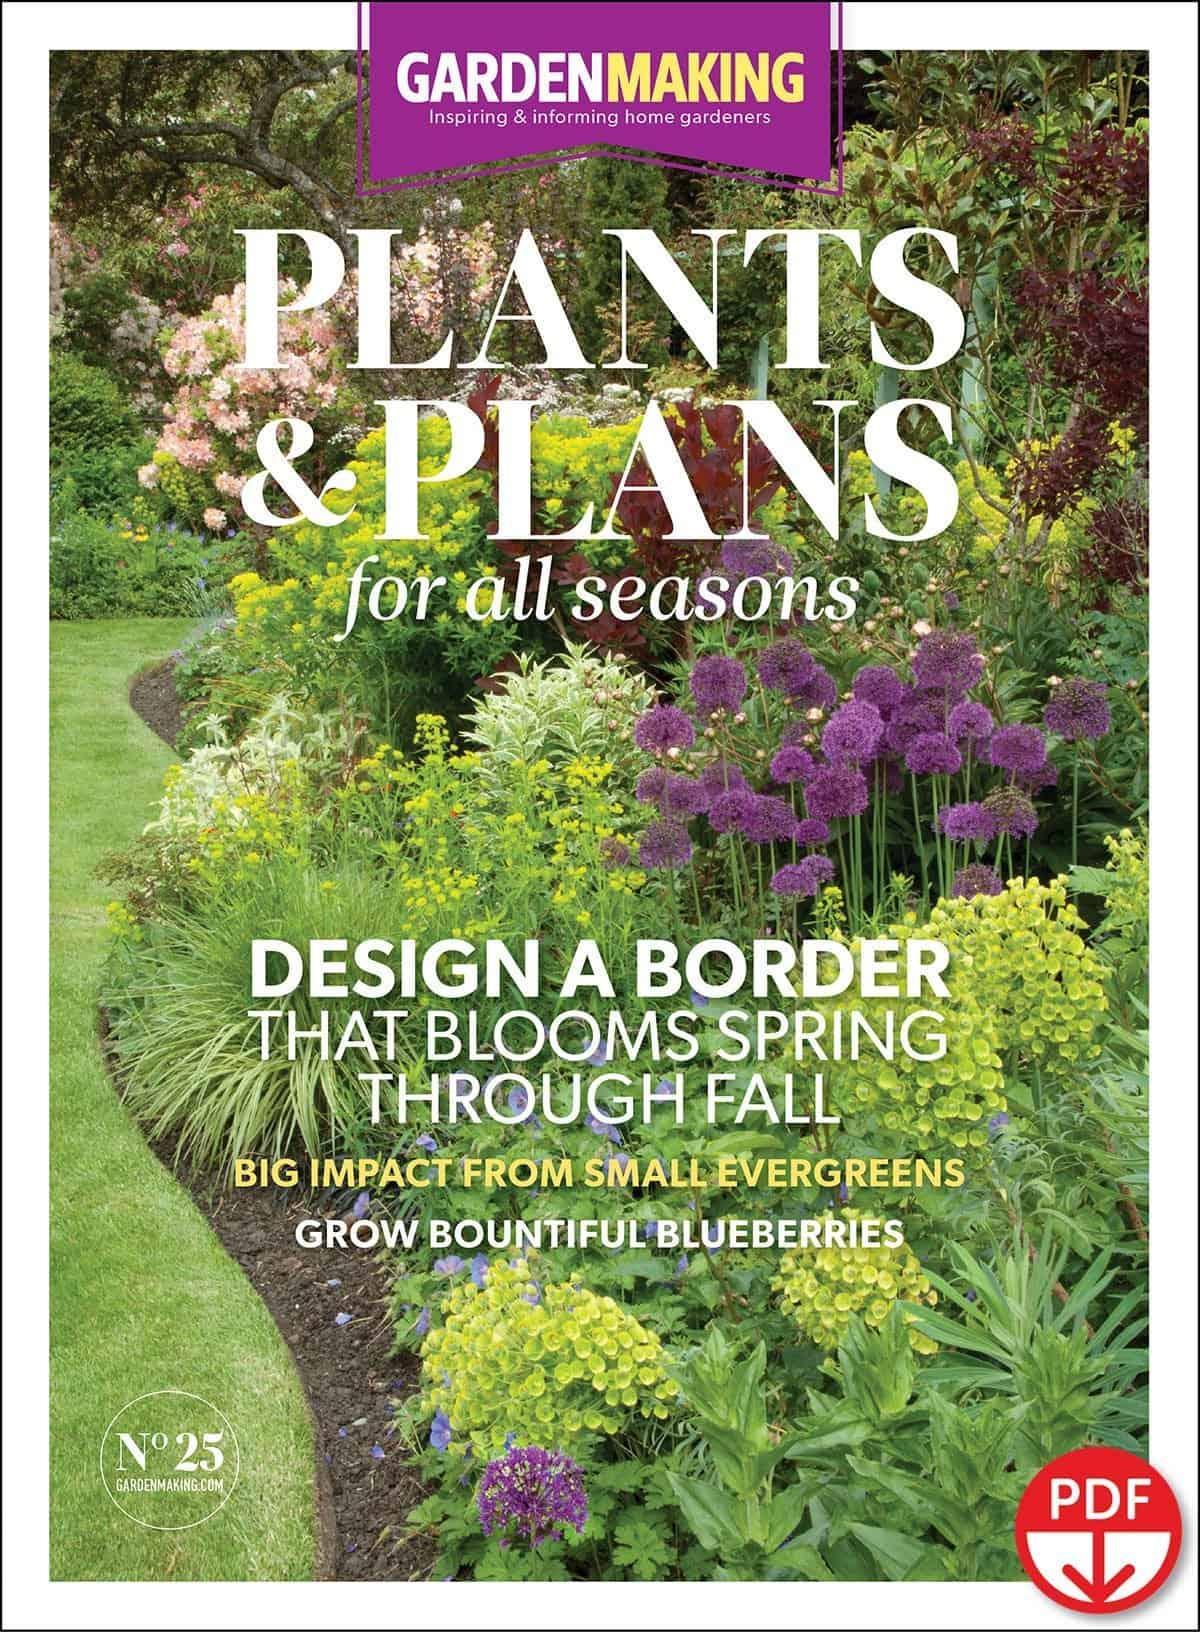 Plants & Plans